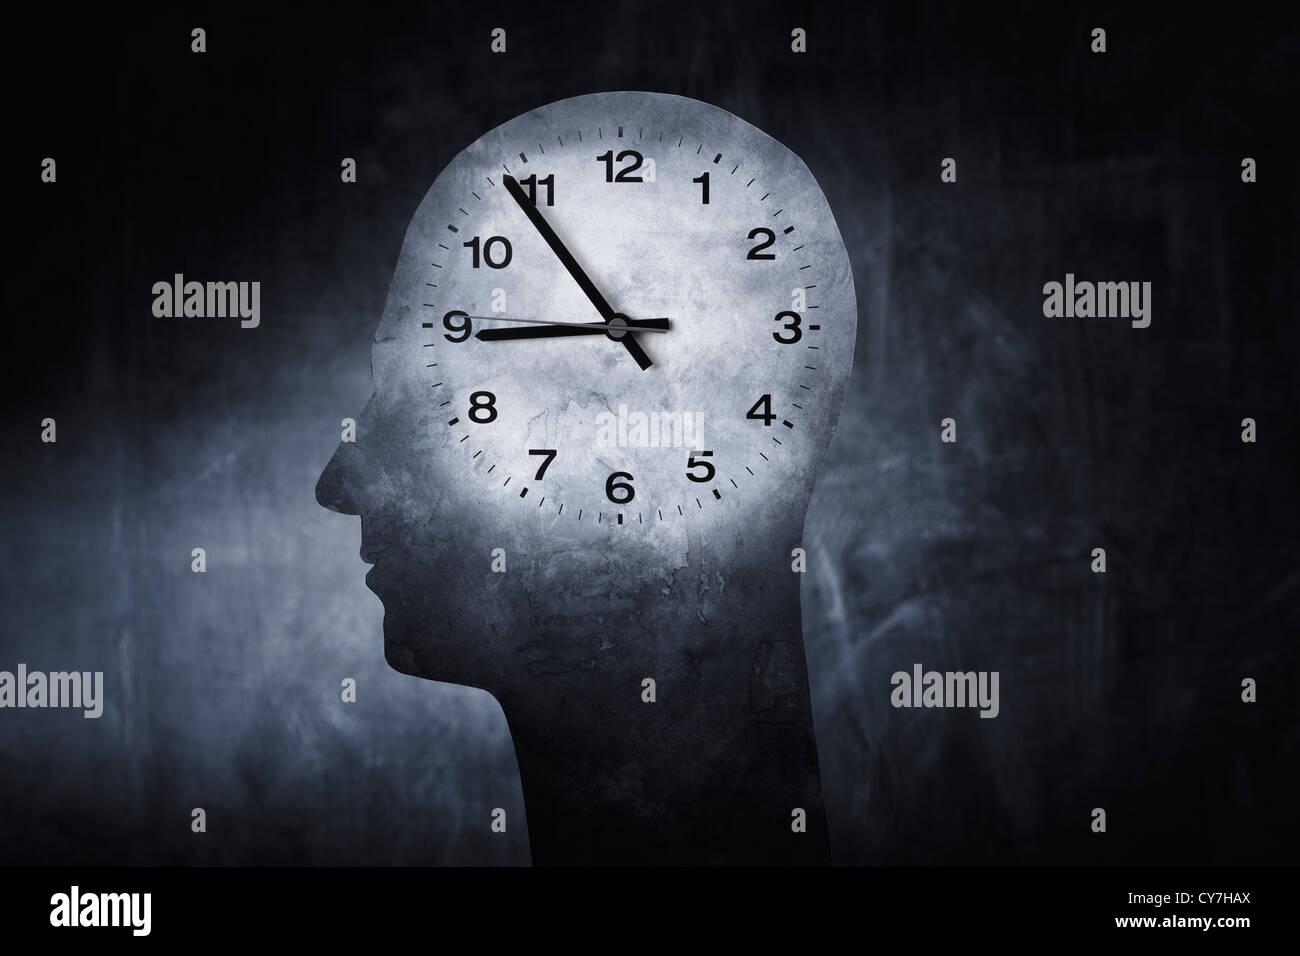 Immagine concettuale di un orologio sovrapposto su una testa di un essere umano. Immagini Stock